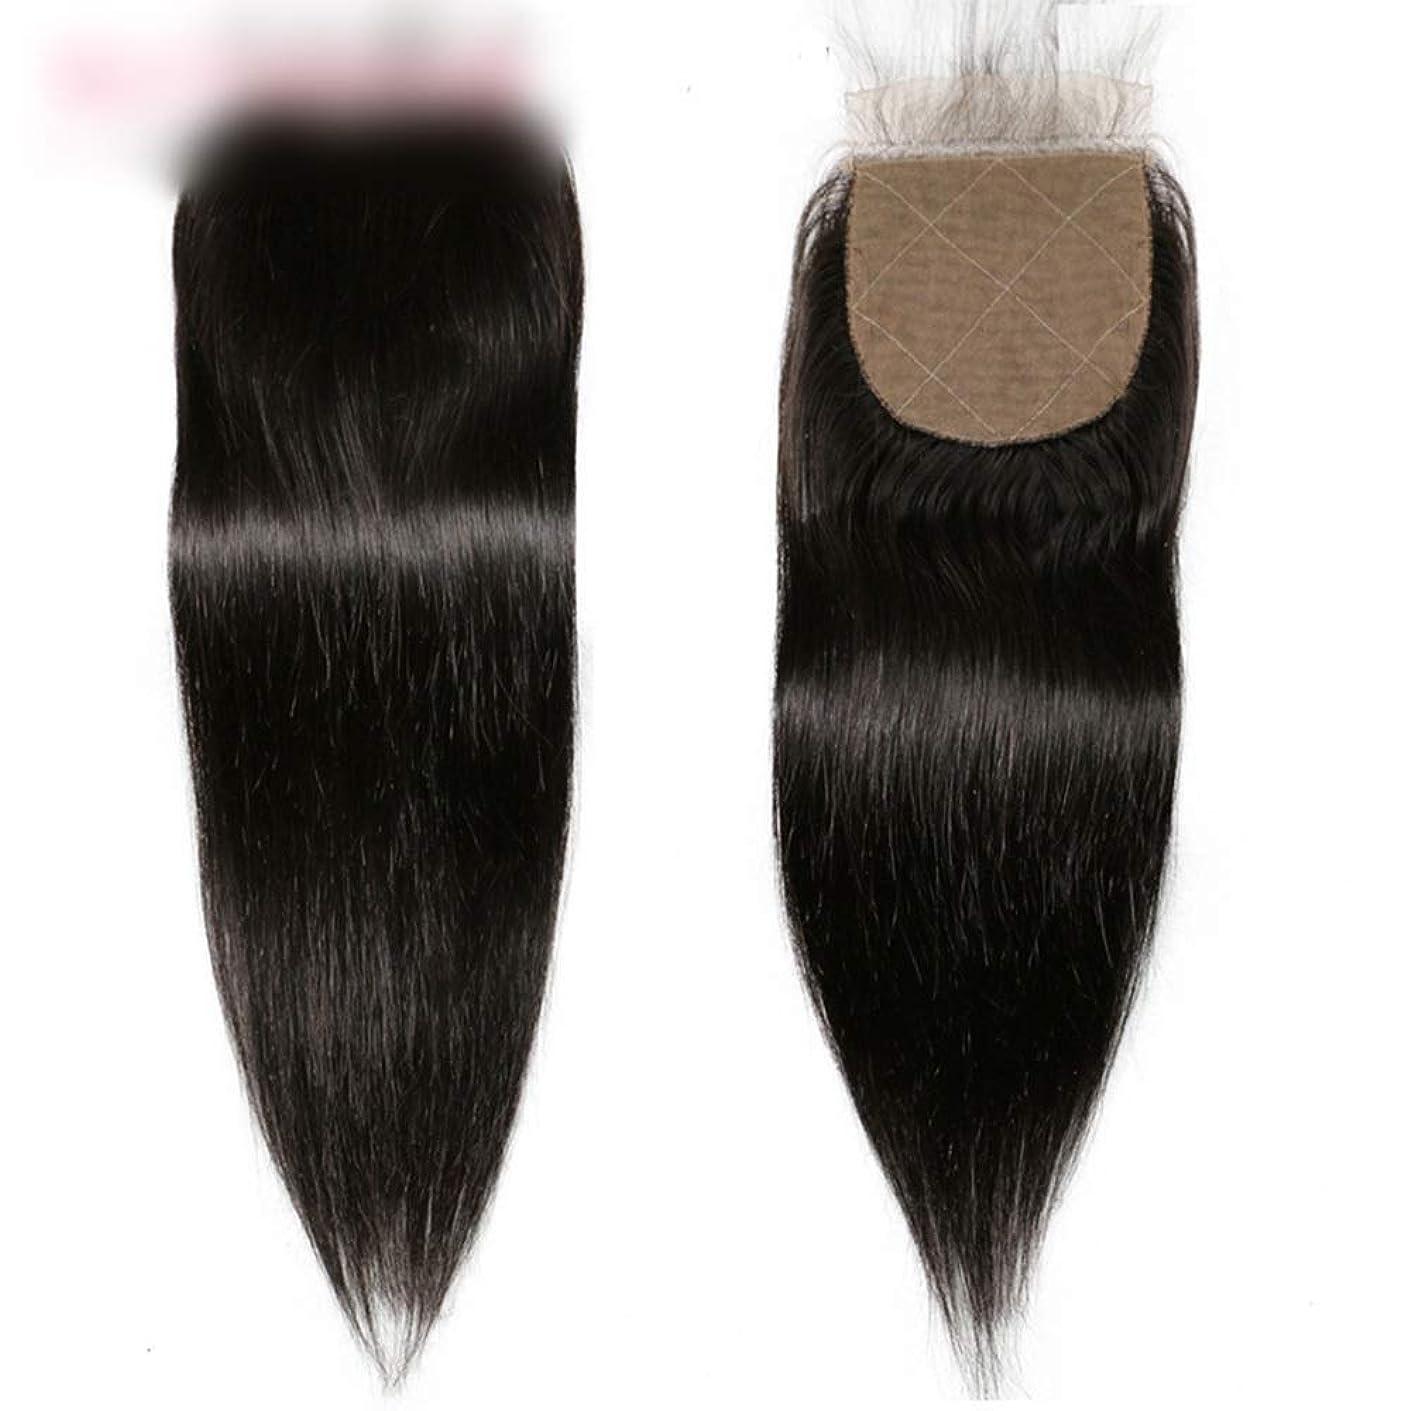 どこにもアシュリータファーマン連鎖BOBIDYEE ブラジルのストレートの髪の束と閉鎖未処理の人間の髪の毛のレースの閉鎖ナチュラルカラーの髪の合成毛髪のレースのかつらロールプレイングウィッグロングとショートの女性自然 (色 : 黒, サイズ : 12 inch)